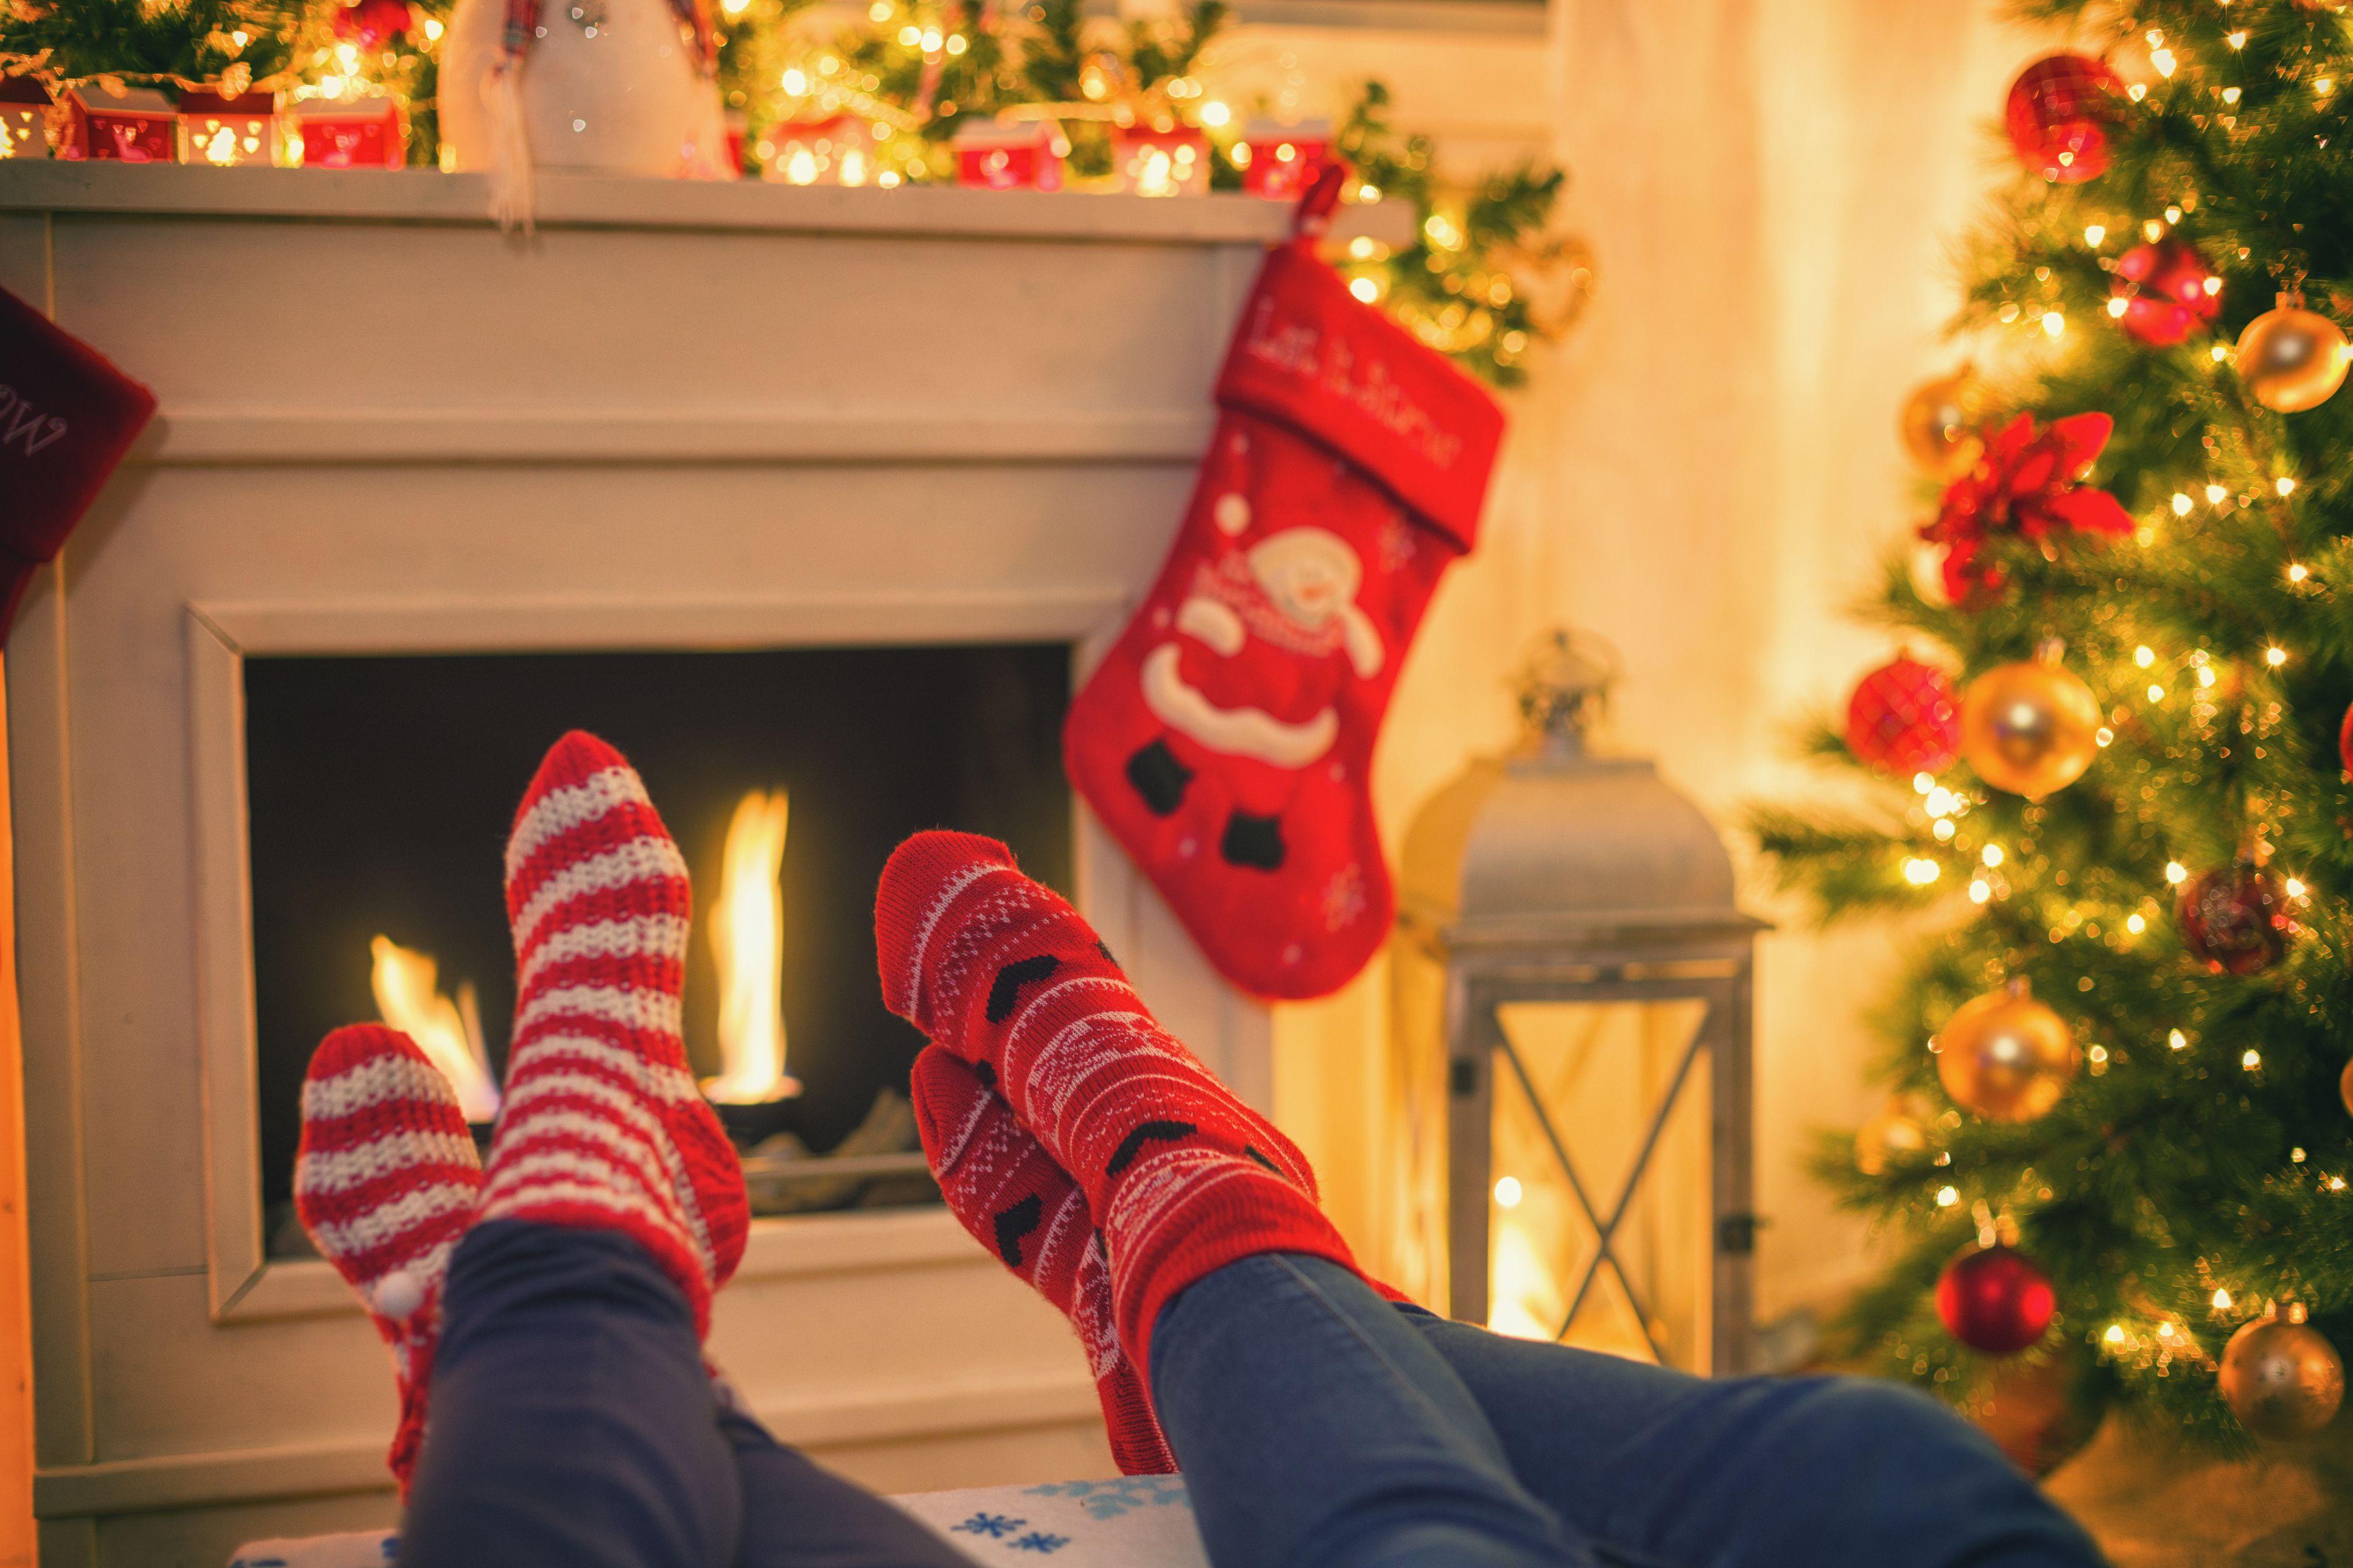 Calentando y relajándose cerca de la chimenea para La Navidad